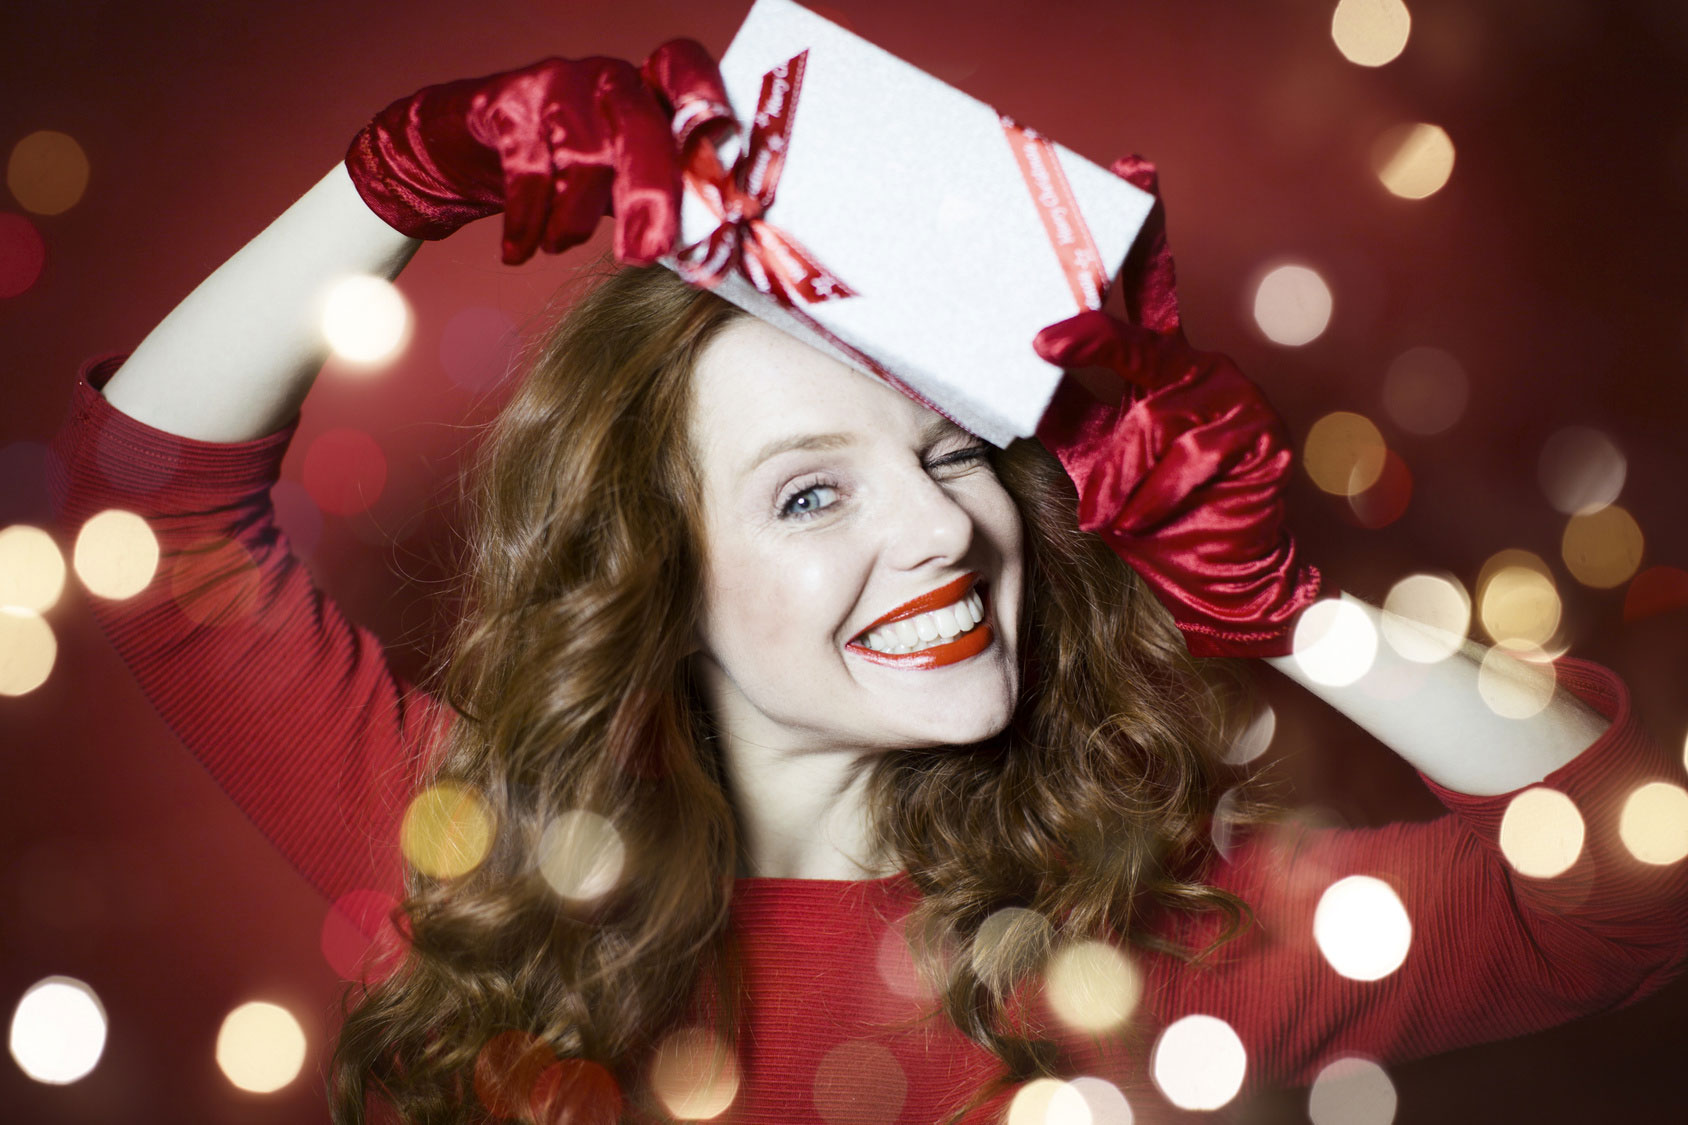 Weihnachtsgeschenke Für Kunden Friseur.Kundenpräsente Die Denke Zur Richtigen Geschenkidee Friseur